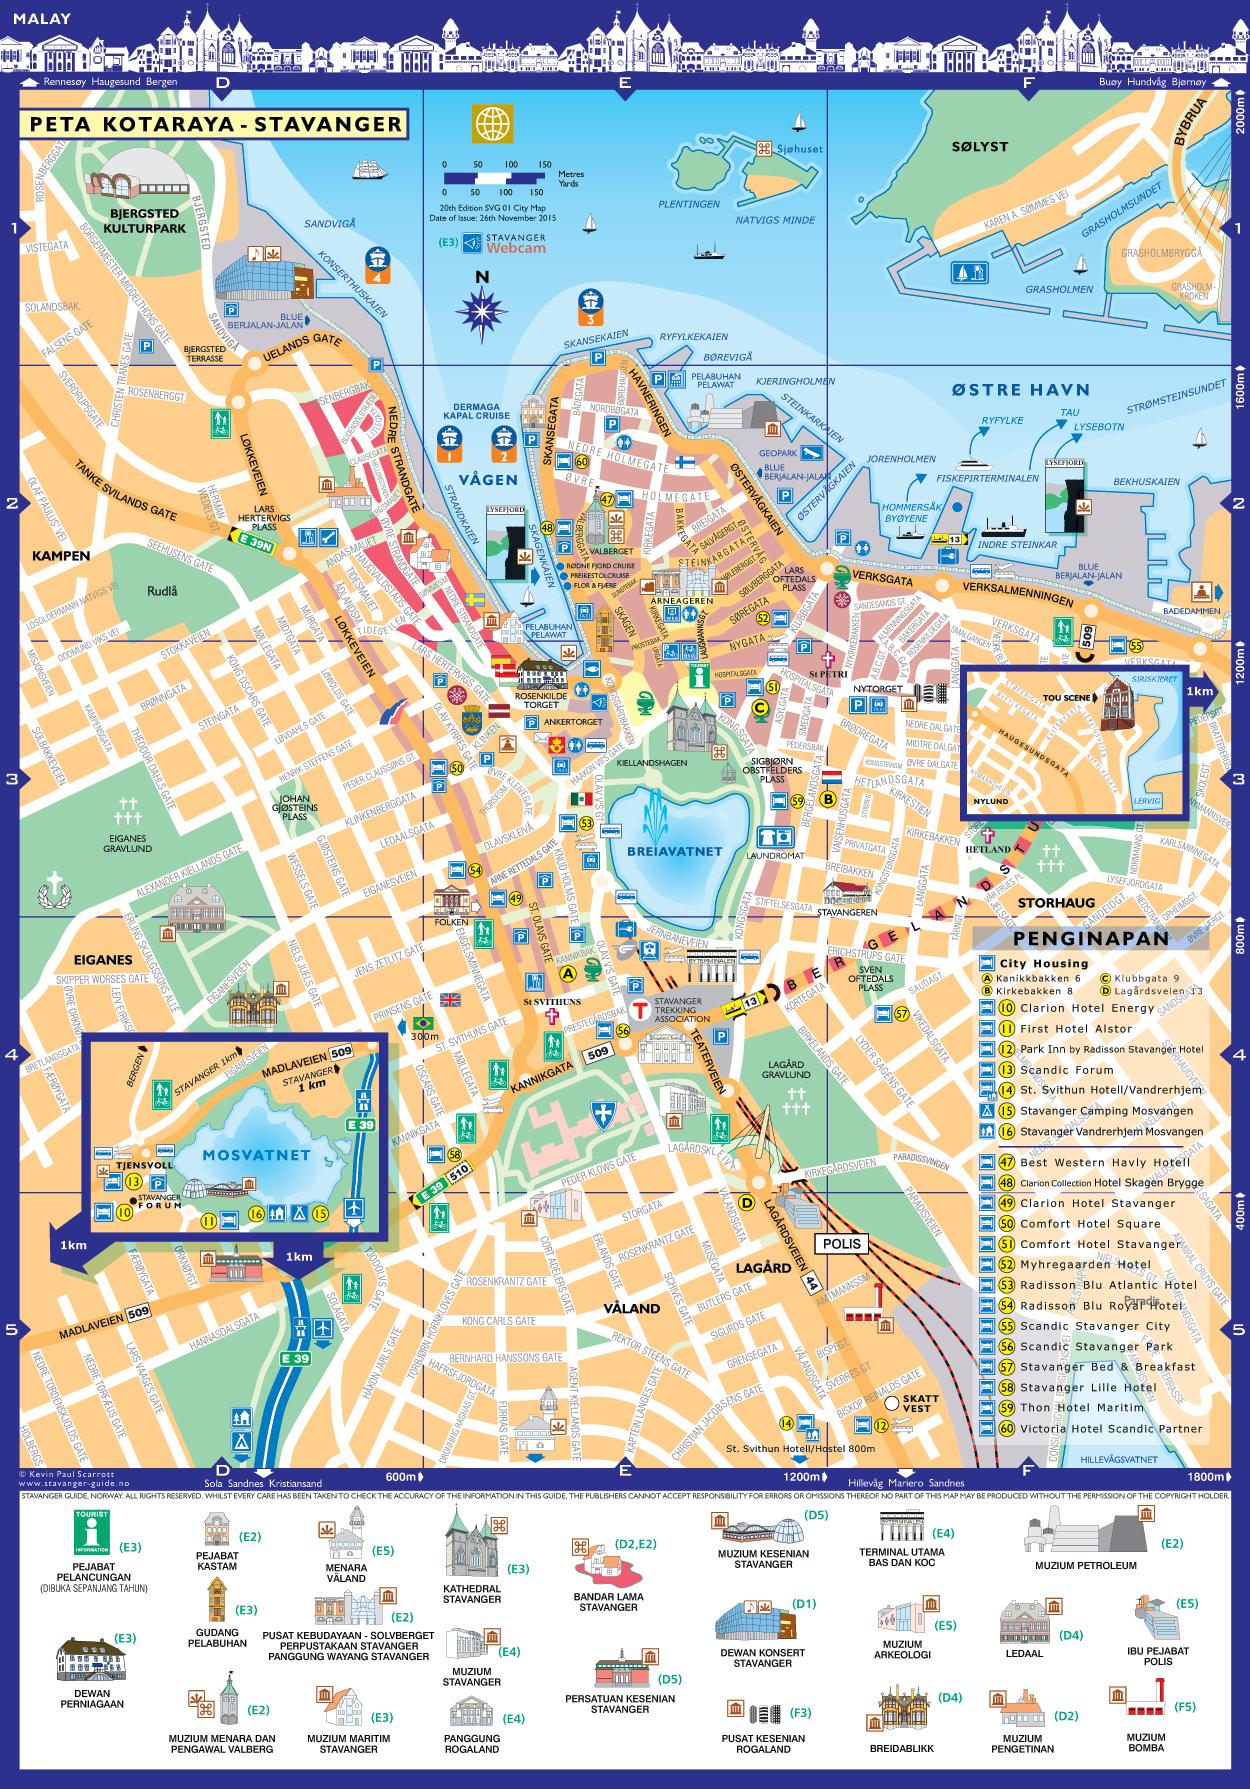 Pusat bandar Stavanger